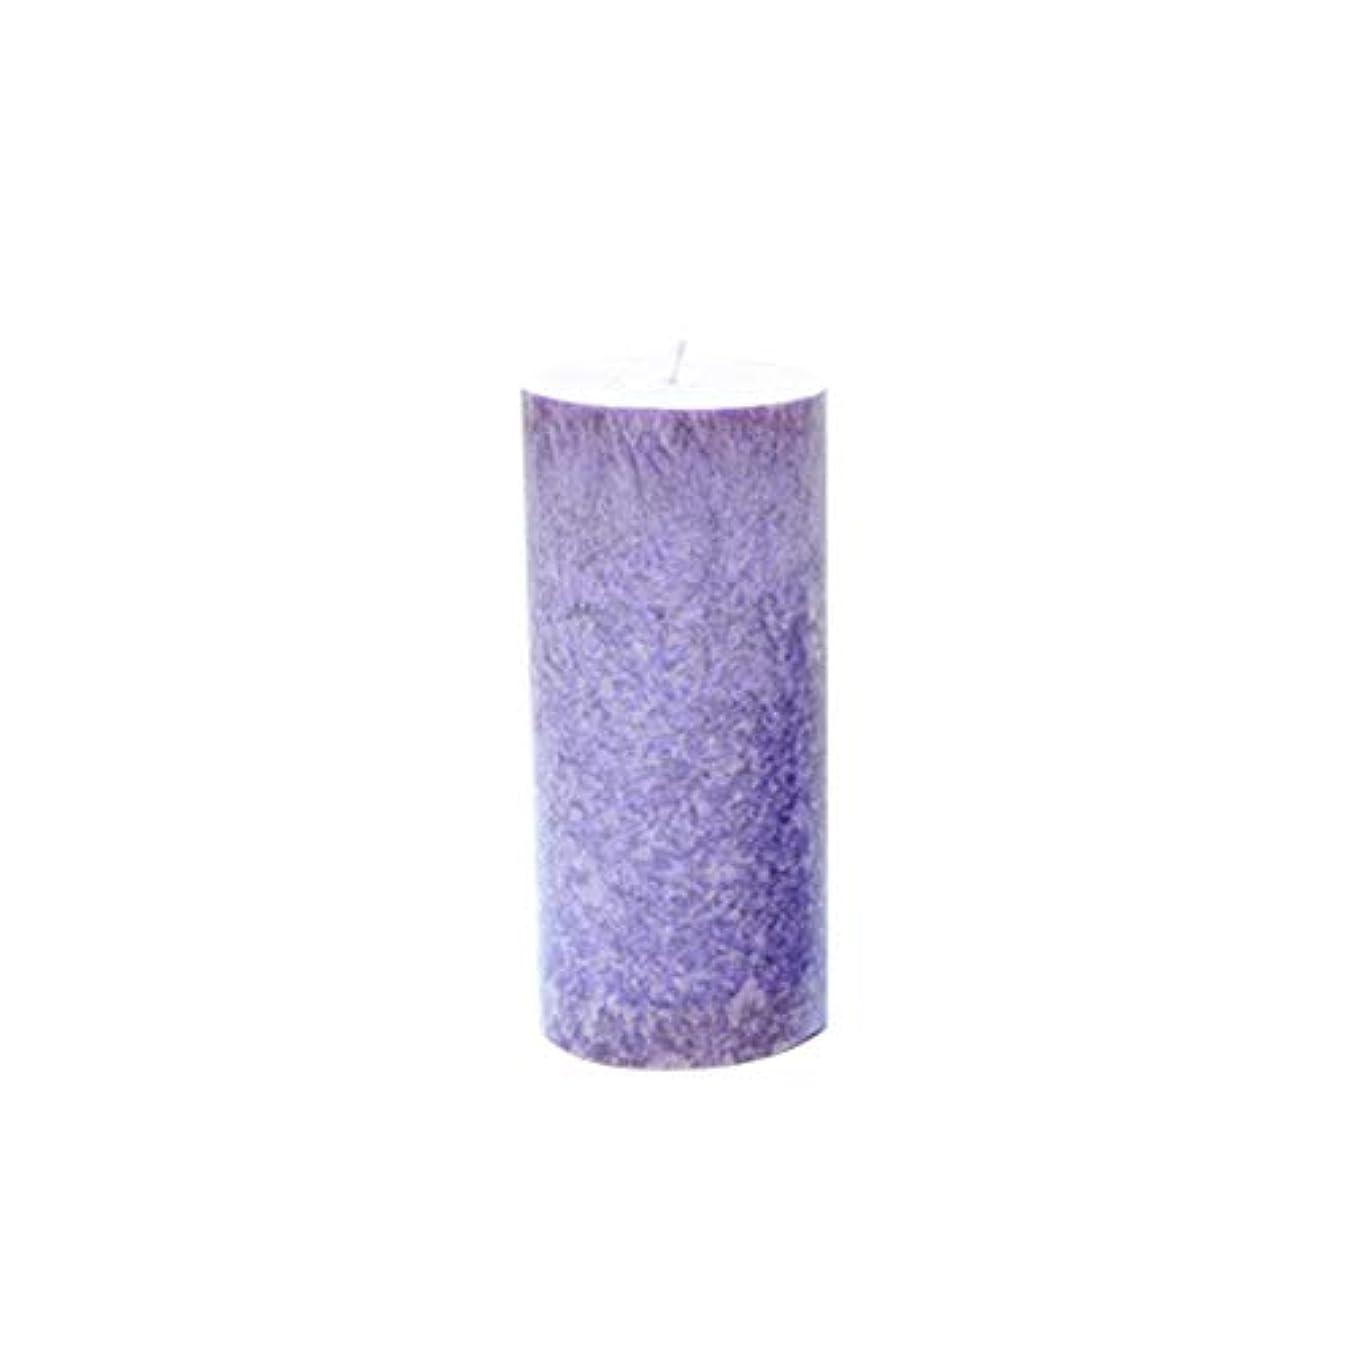 不愉快路面電車貫通Rakuby 香料入り 蝋燭 ロマンチック 紫色 ラベンダー アロマ療法 柱 蝋燭 祝祭 結婚祝い 無煙蝋燭